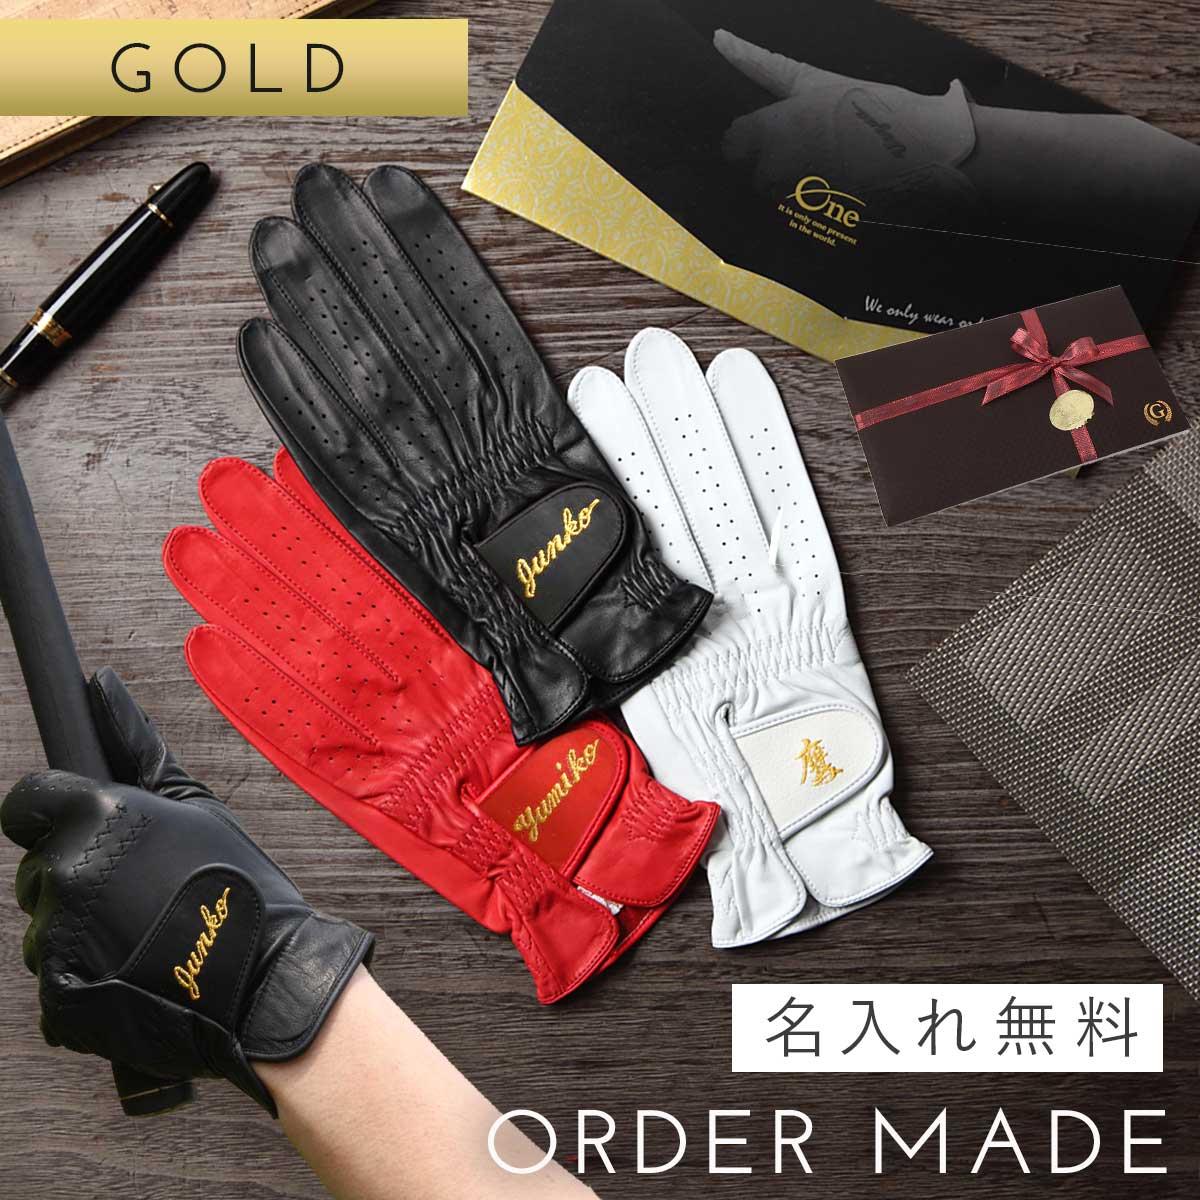 ゴルフグローブ オーダーメイド ラッピング付き ゴルフ手袋 名入れ ゴルフ用 オーダーグローブ ゴールドギフト  送別会 退職祝い メンズファッション